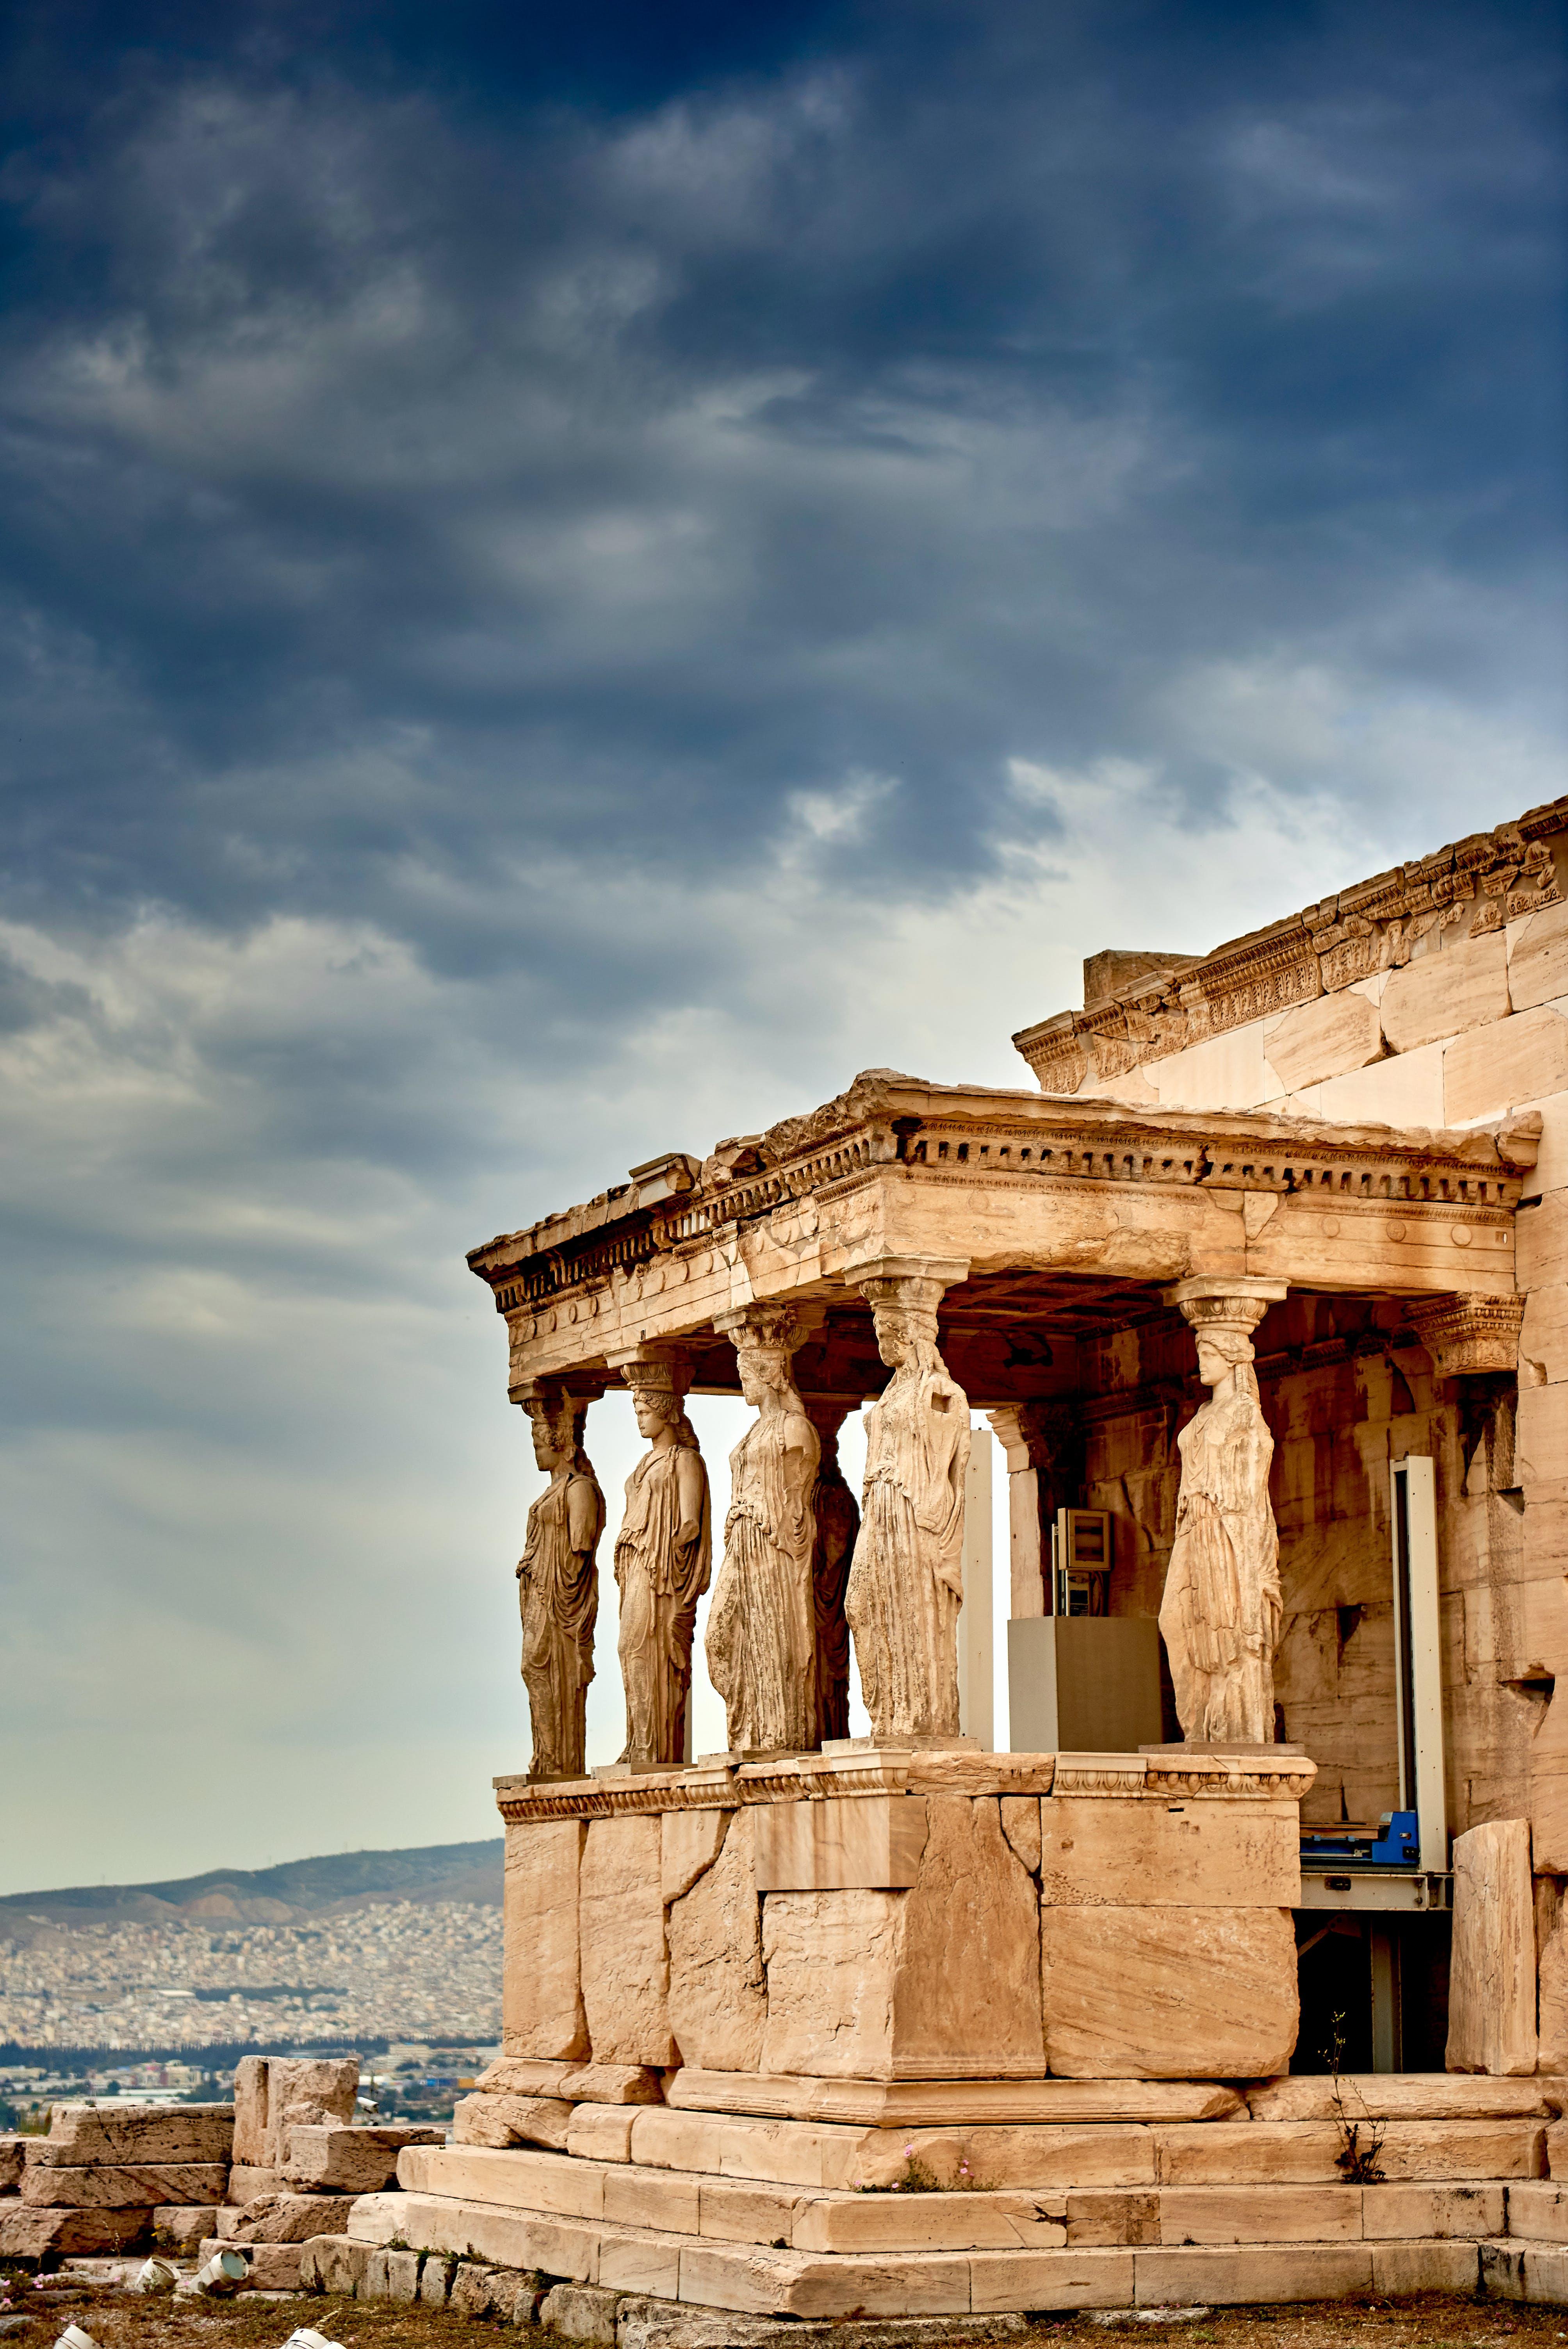 Fotos de stock gratuitas de arquitectura, Atenas, atracción turística, columnas